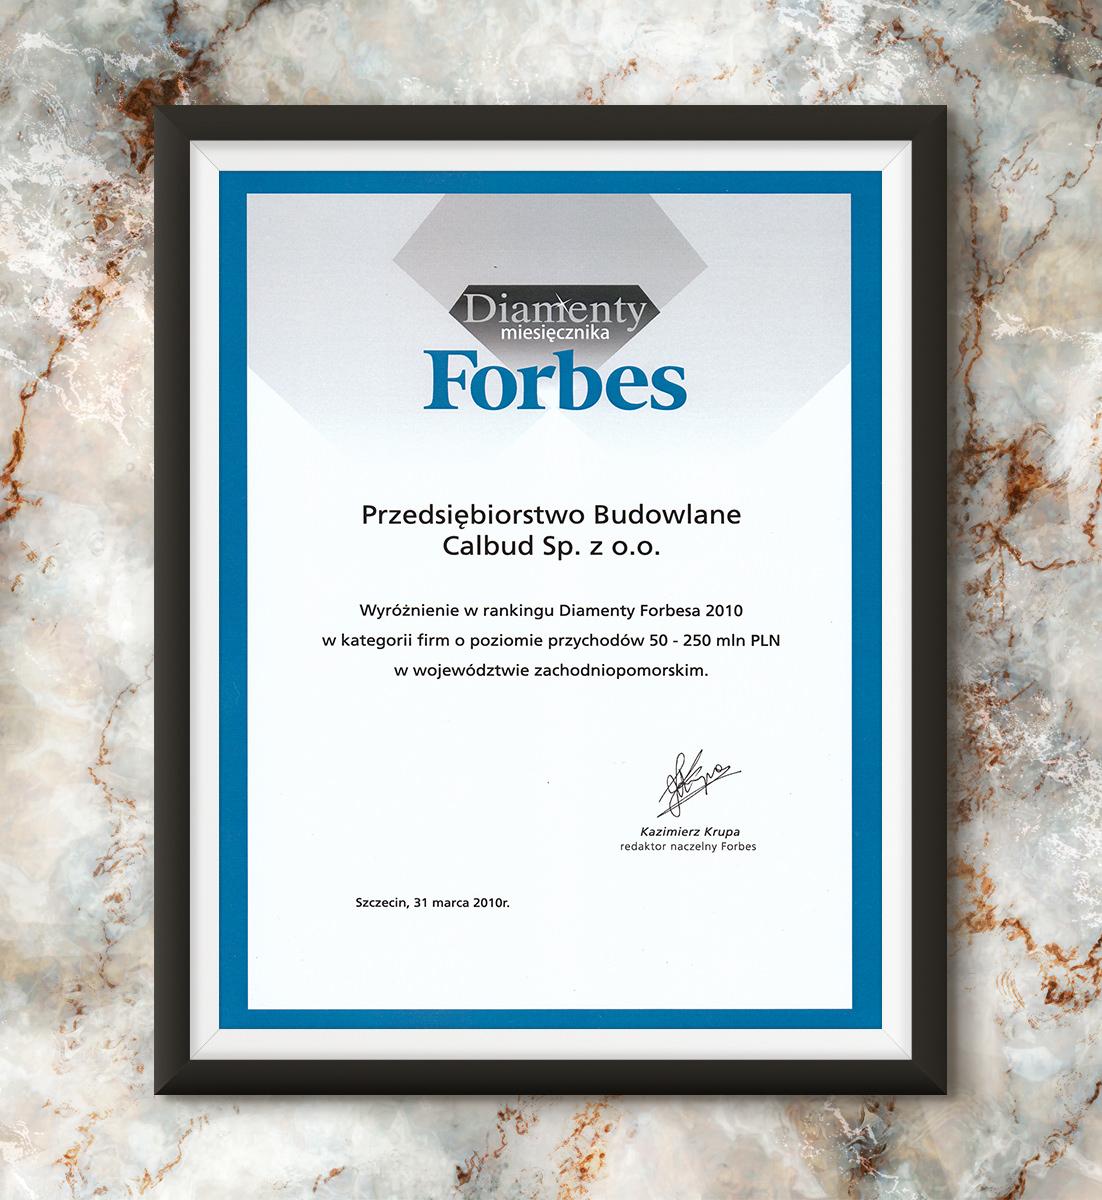 Diamenty Forbesa 2010 - wyróżnienie